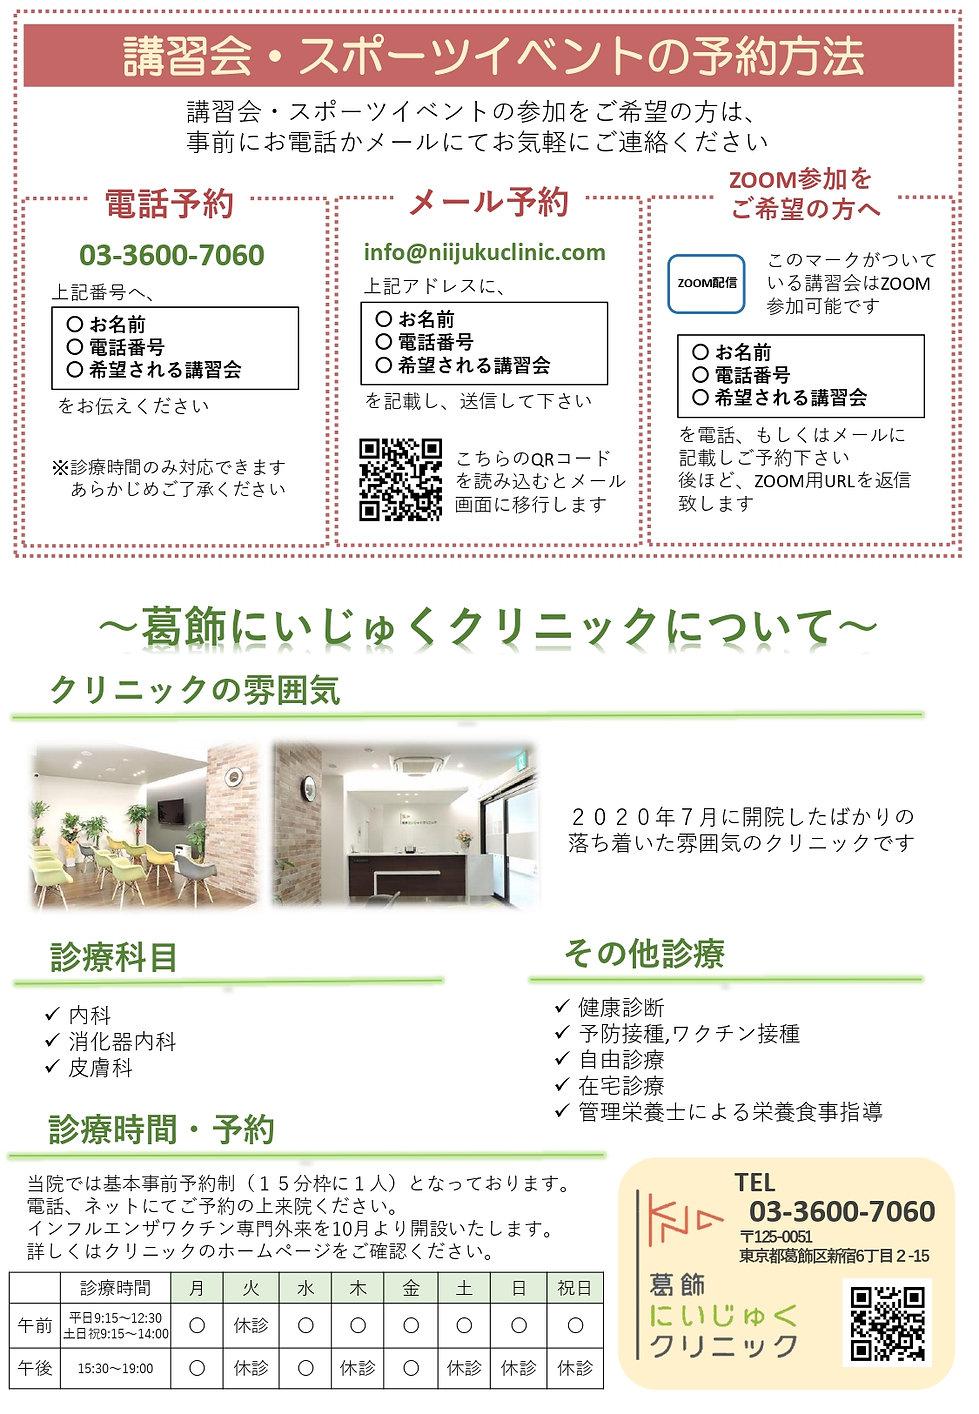 区民公開講座_9月修正版_page-0002.jpg